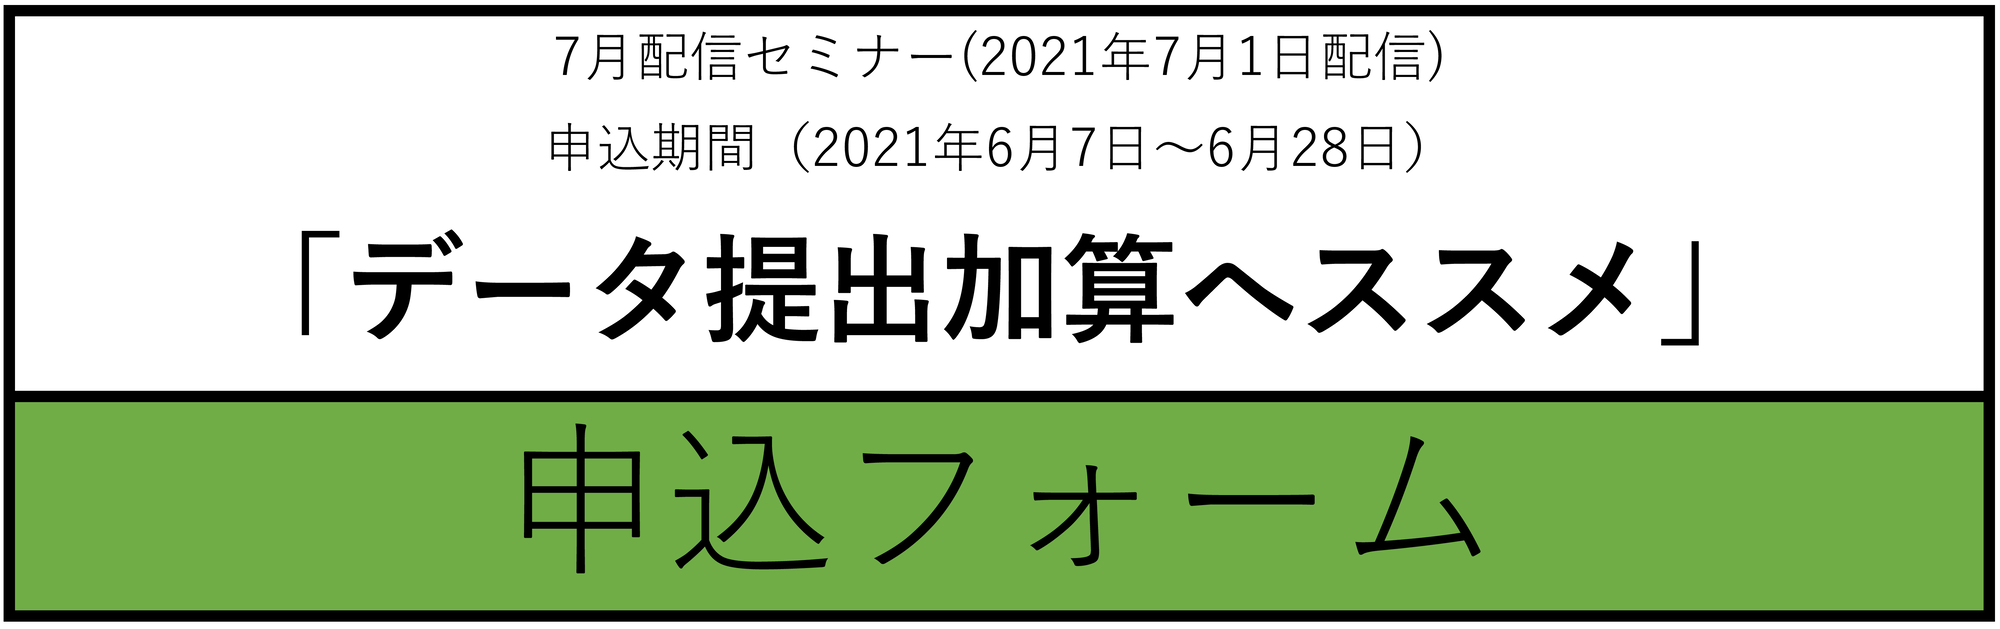 【データ提出加算へススメ】登録フォーム_2021.6月